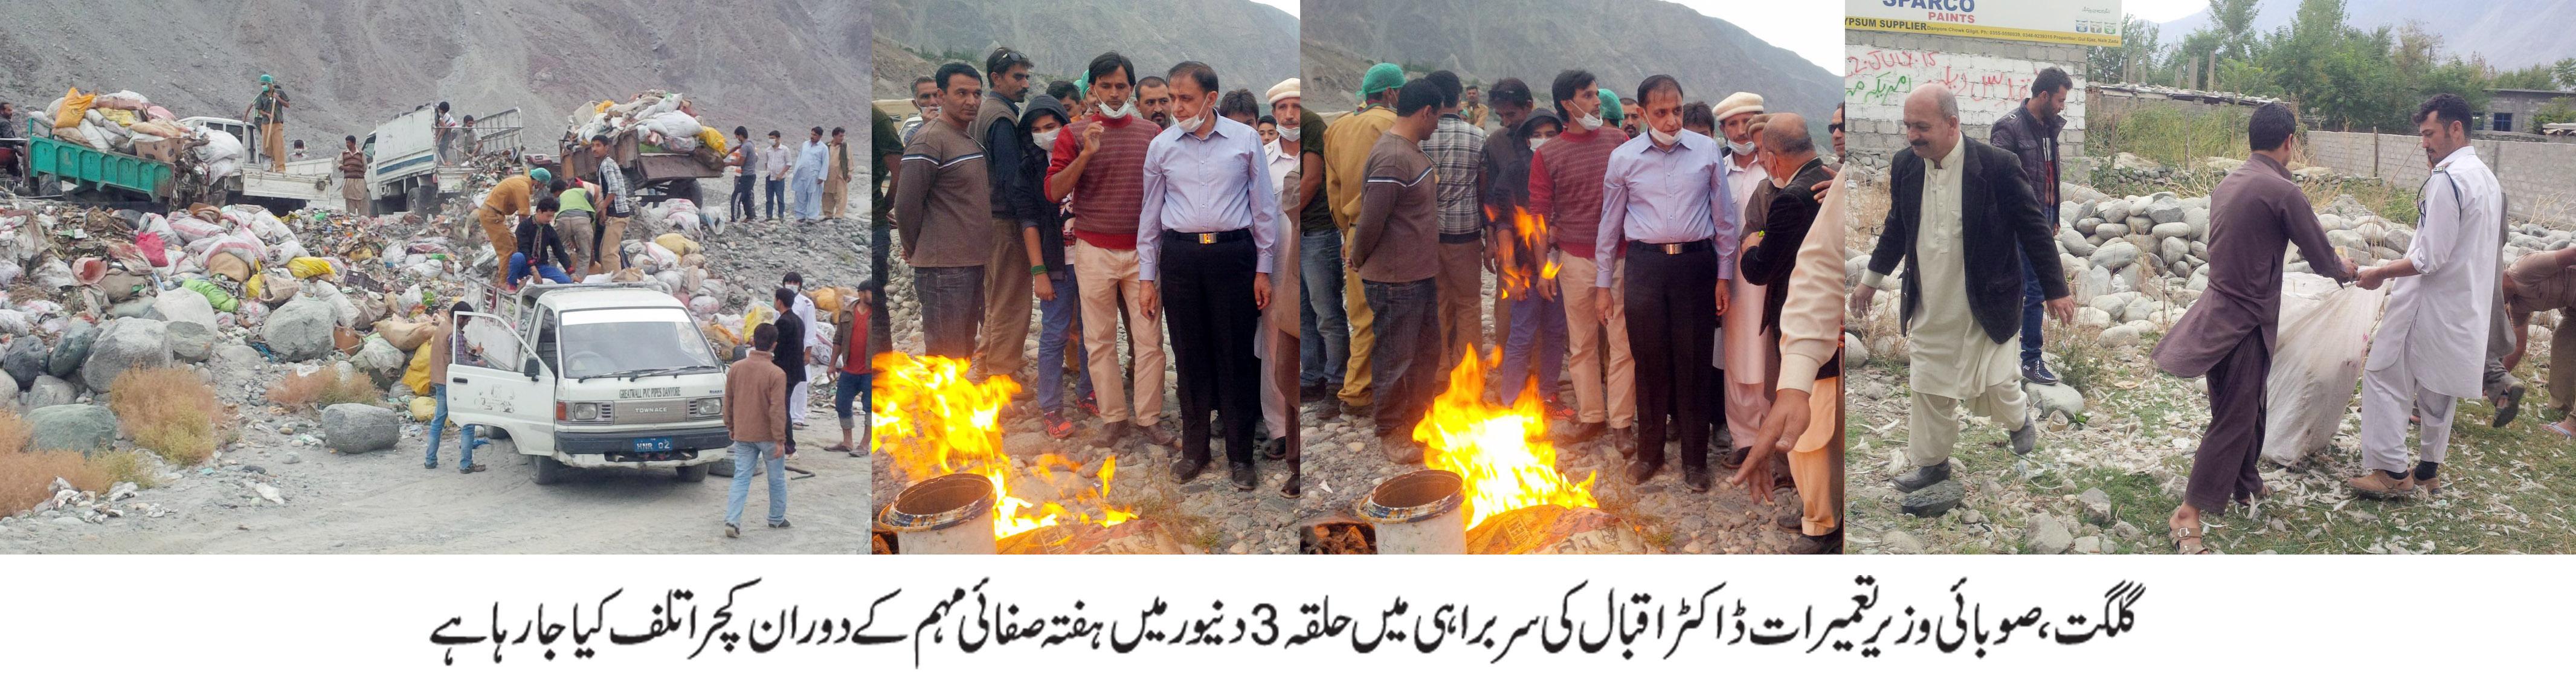 وزیر تعمیرات ڈاکٹر اقبال نے صفائی مہم میں شرکت کی